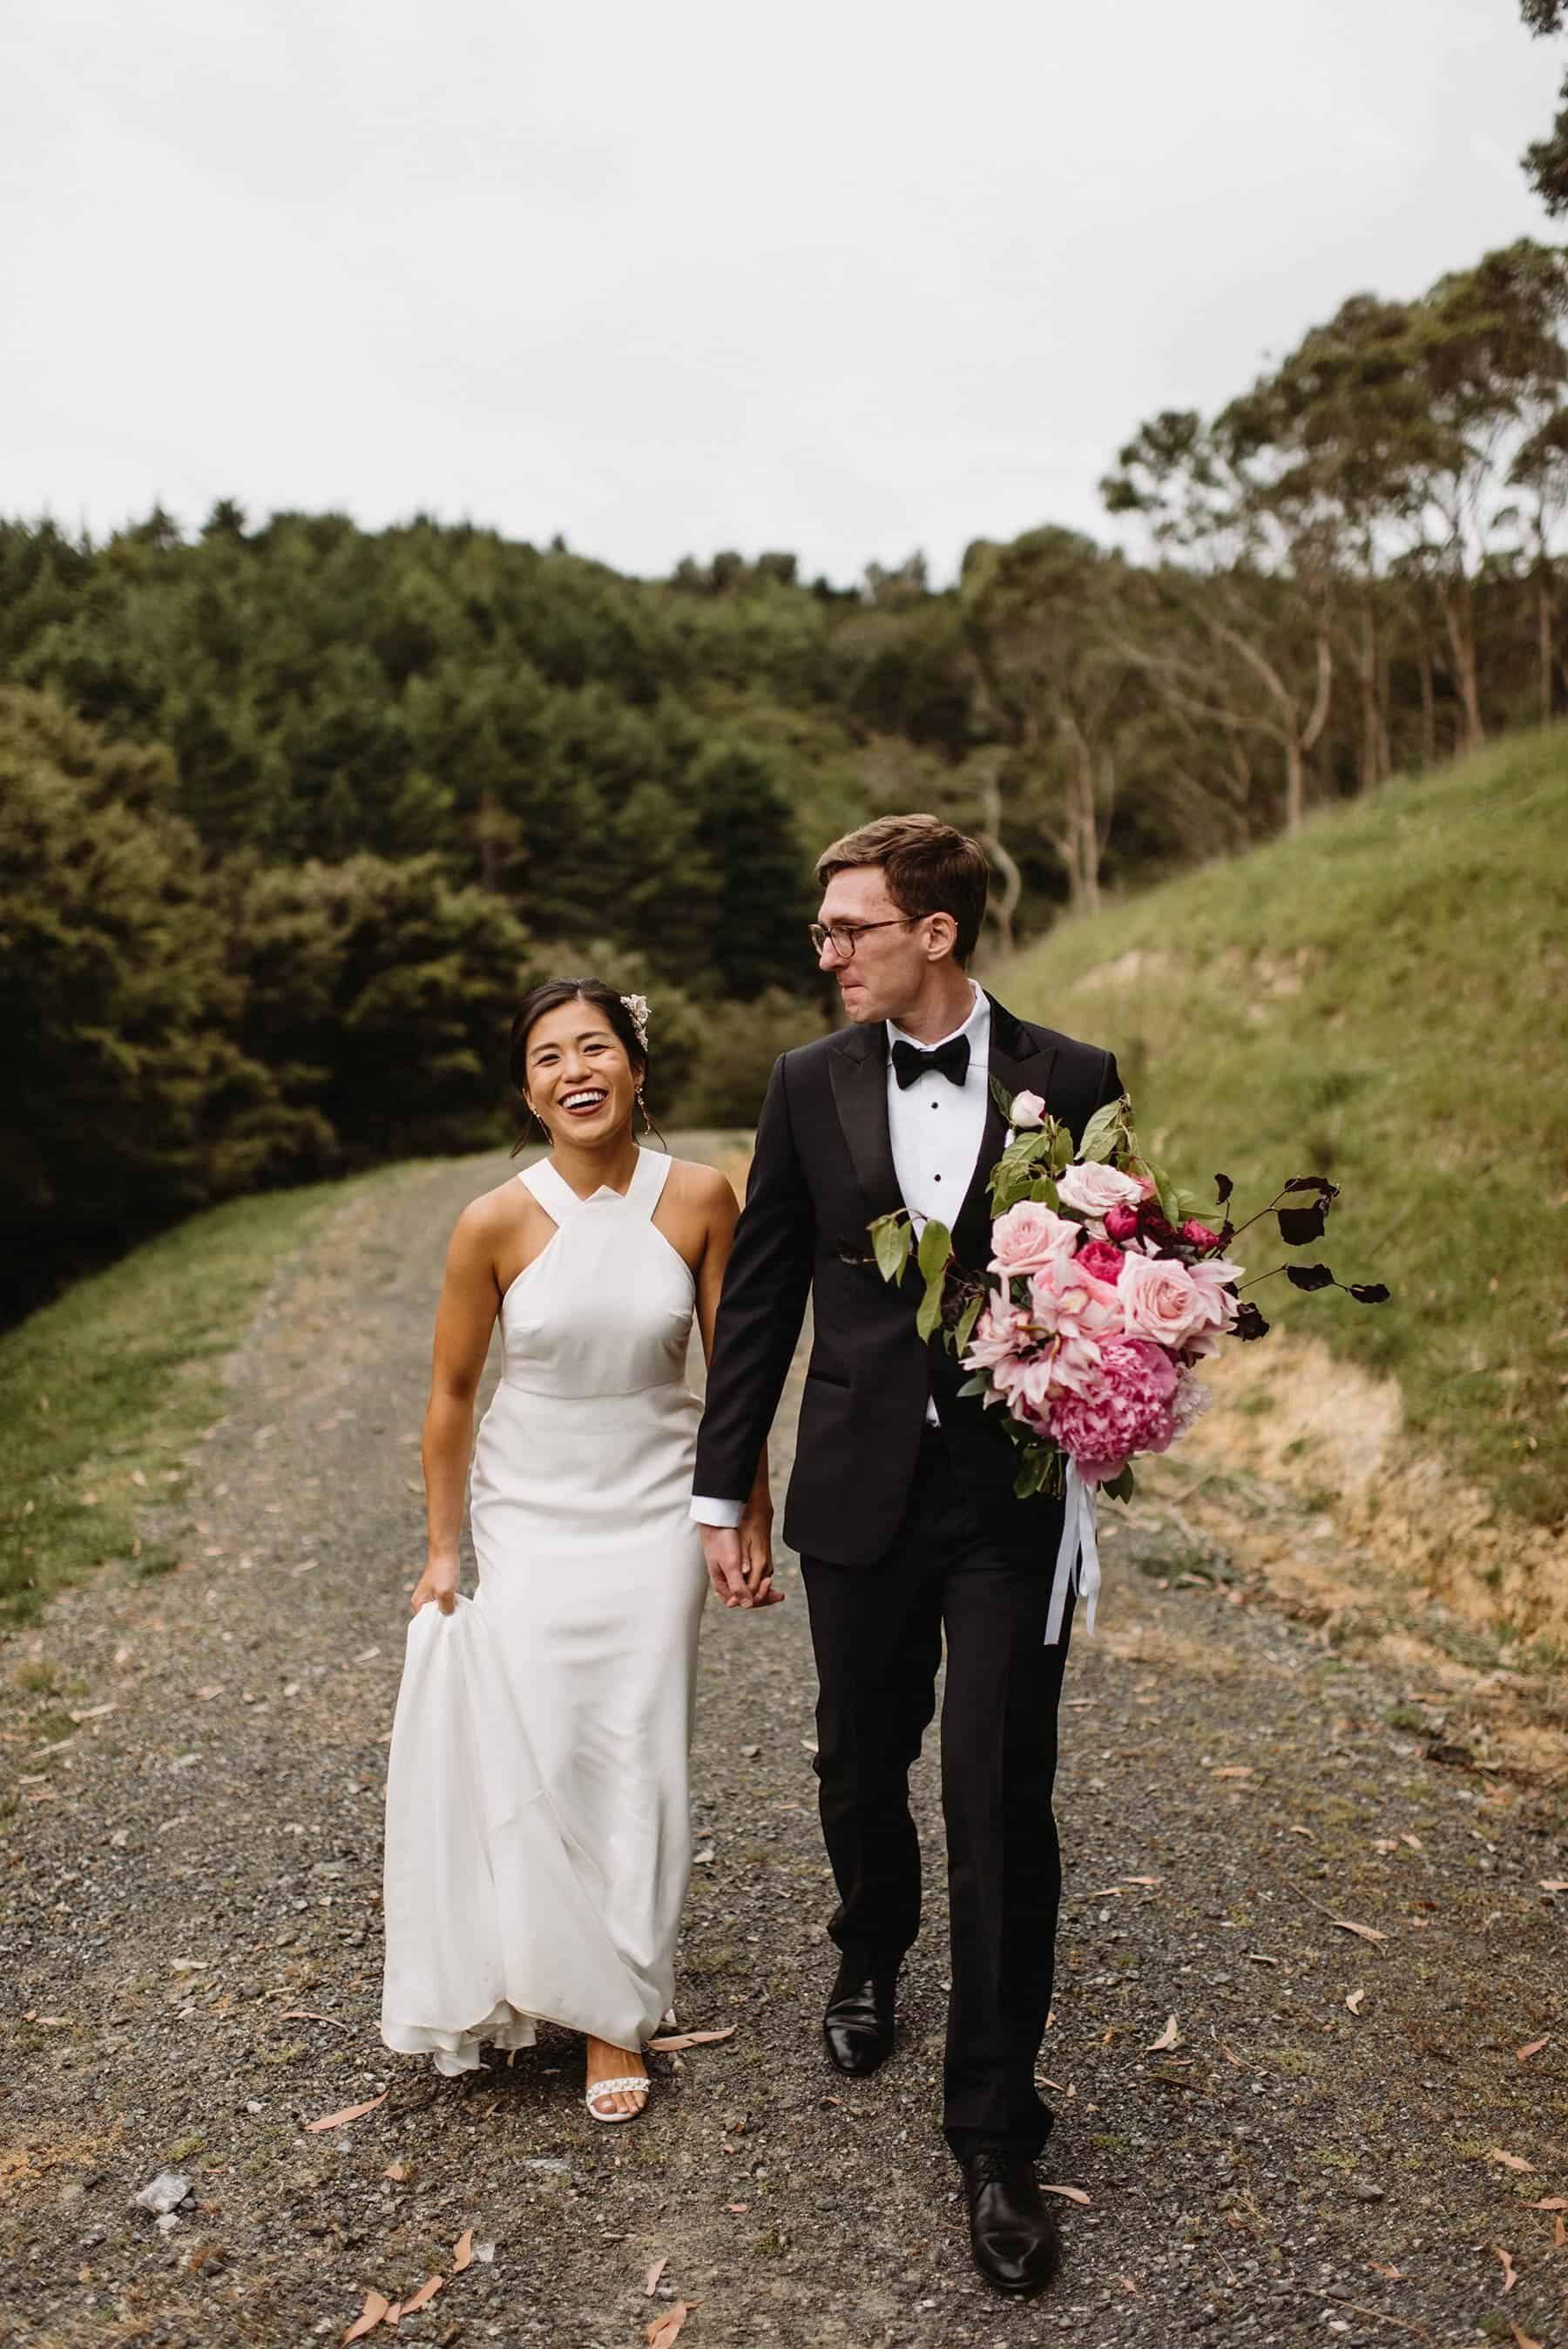 modern wedding at Kauri Bay Boomrock / Photography by Nisha Ravji